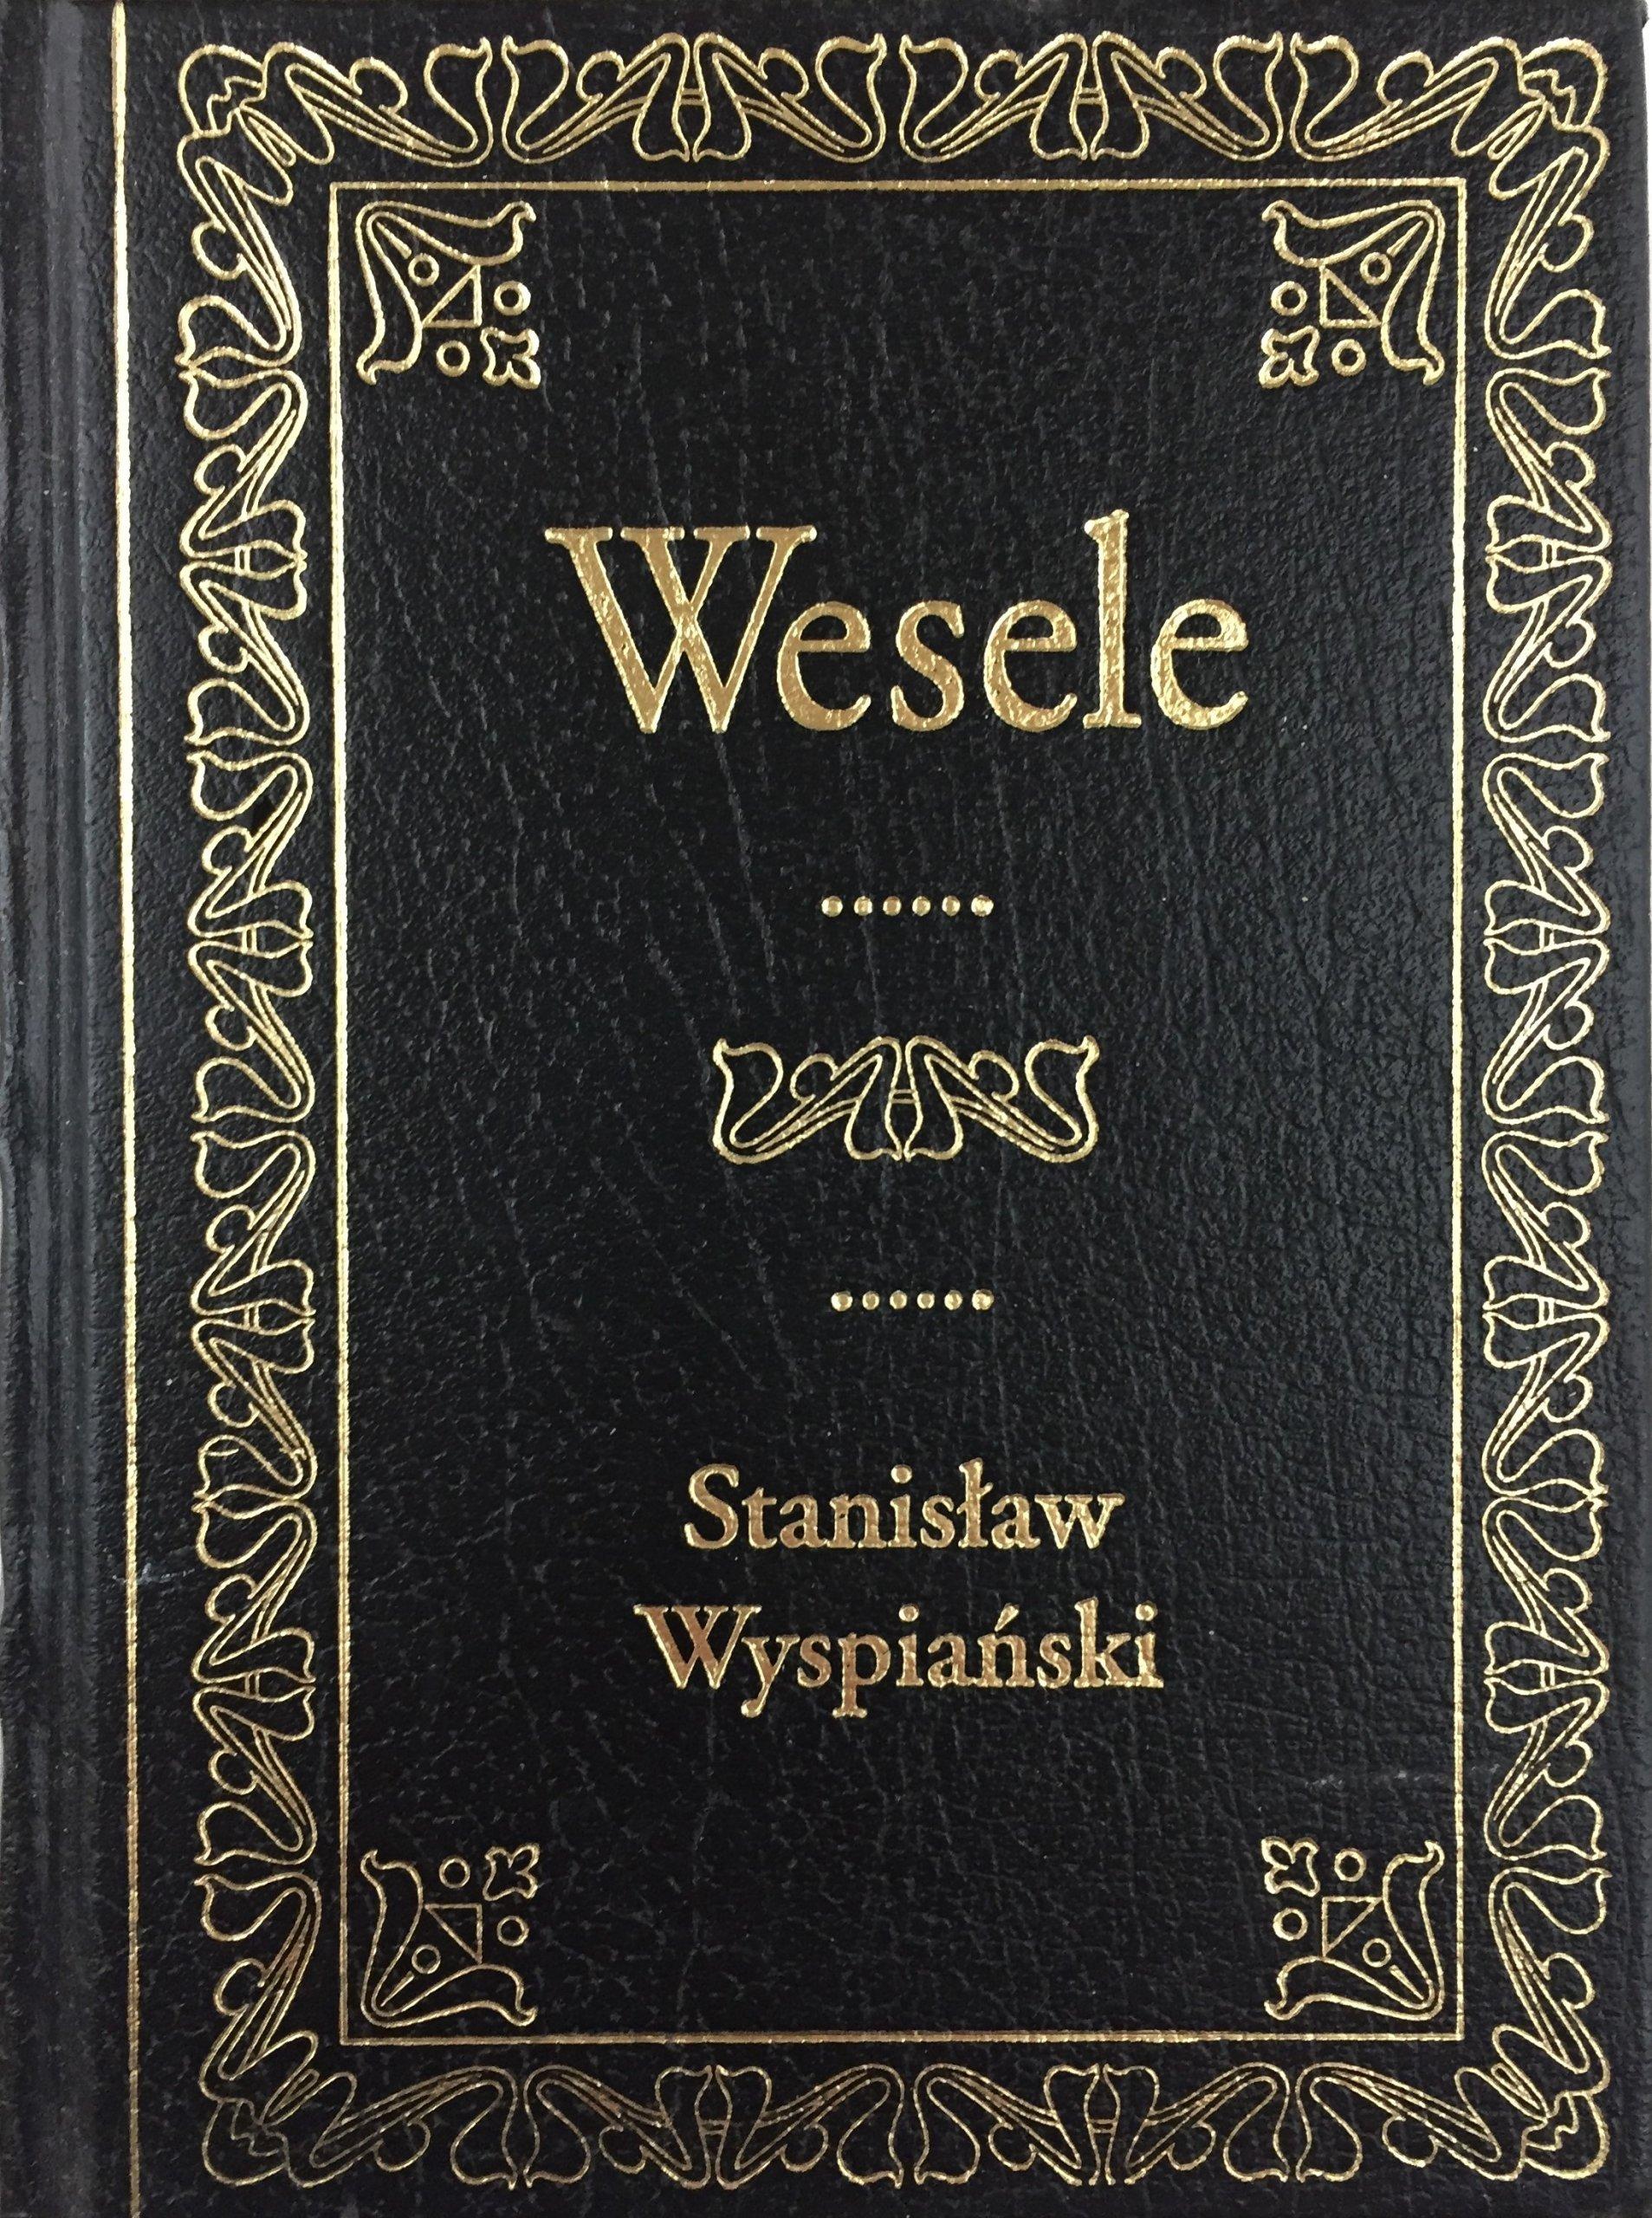 Bardzo dobry Wesele - Stanisław Wyspiański (BDB) - 7187532318 - oficjalne TB03